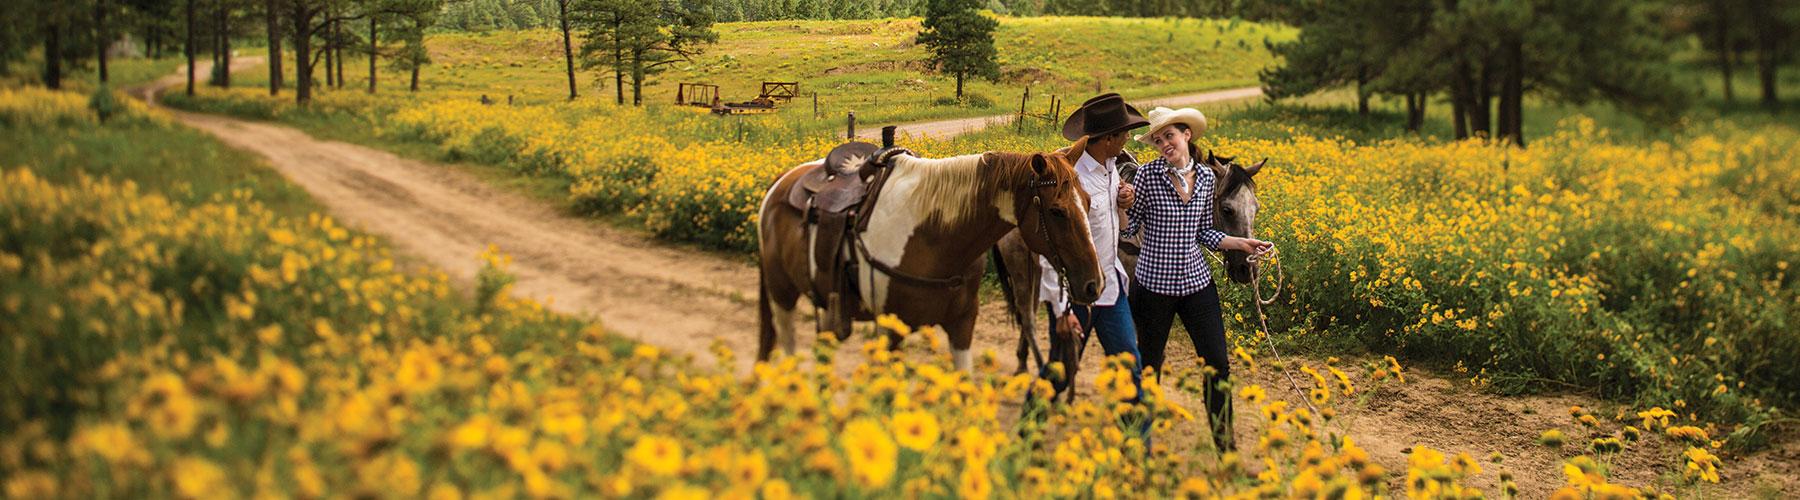 Horseback riding, Inn of the Mountain Gods Resort